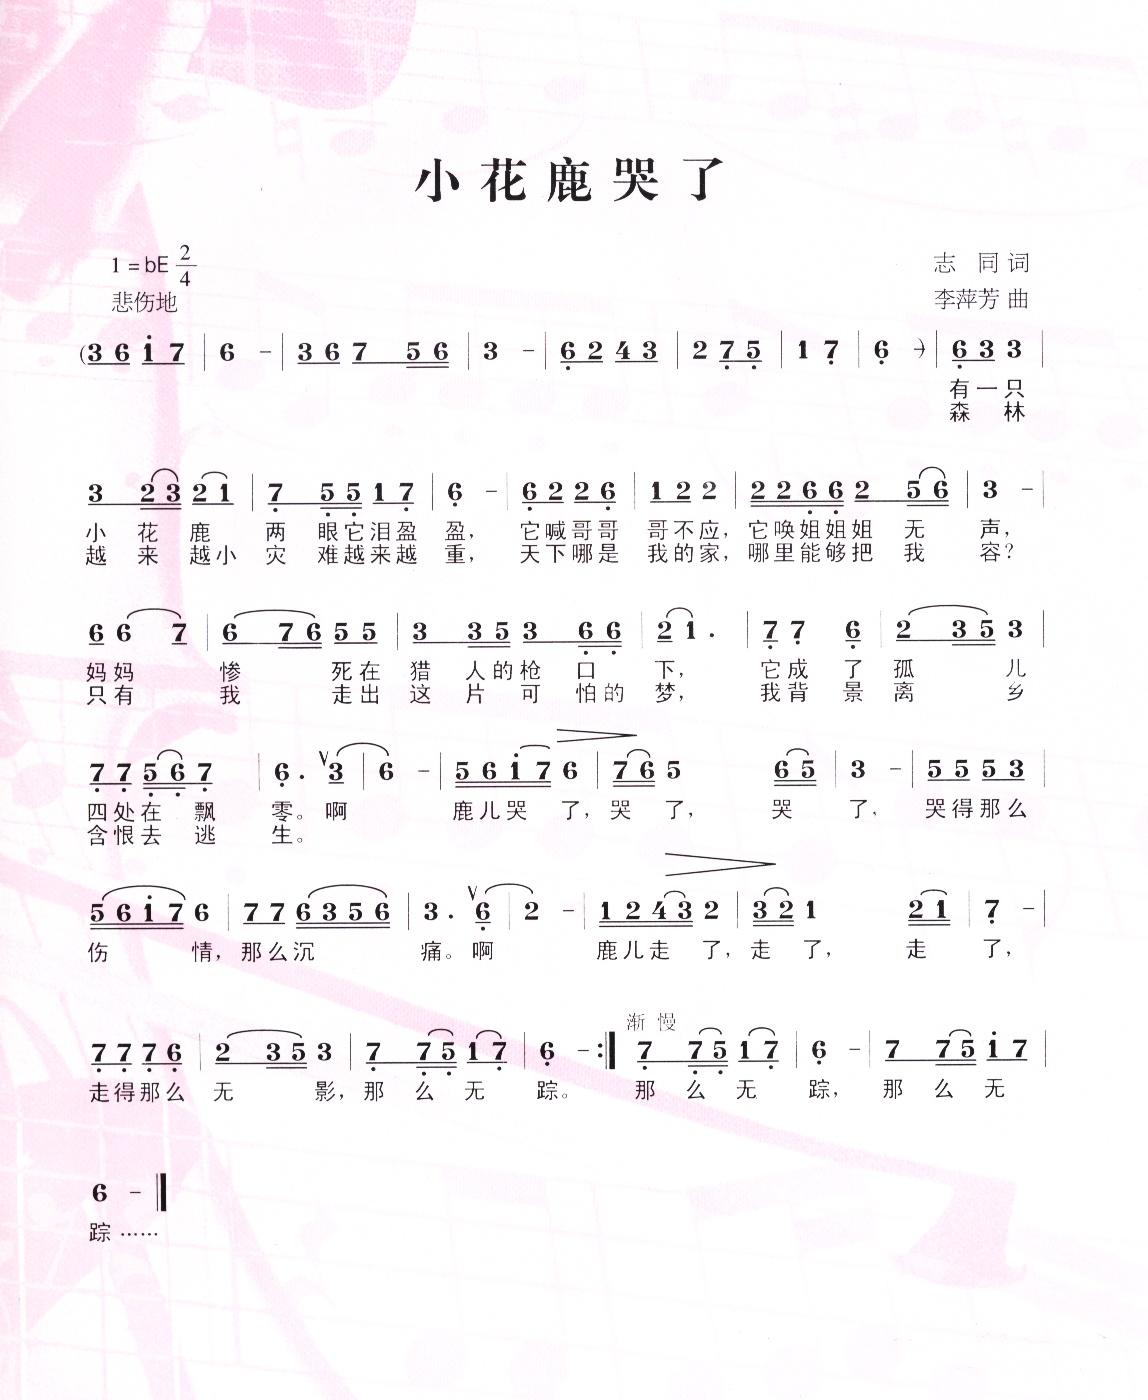 鹿王维曲谱_画古诗王维